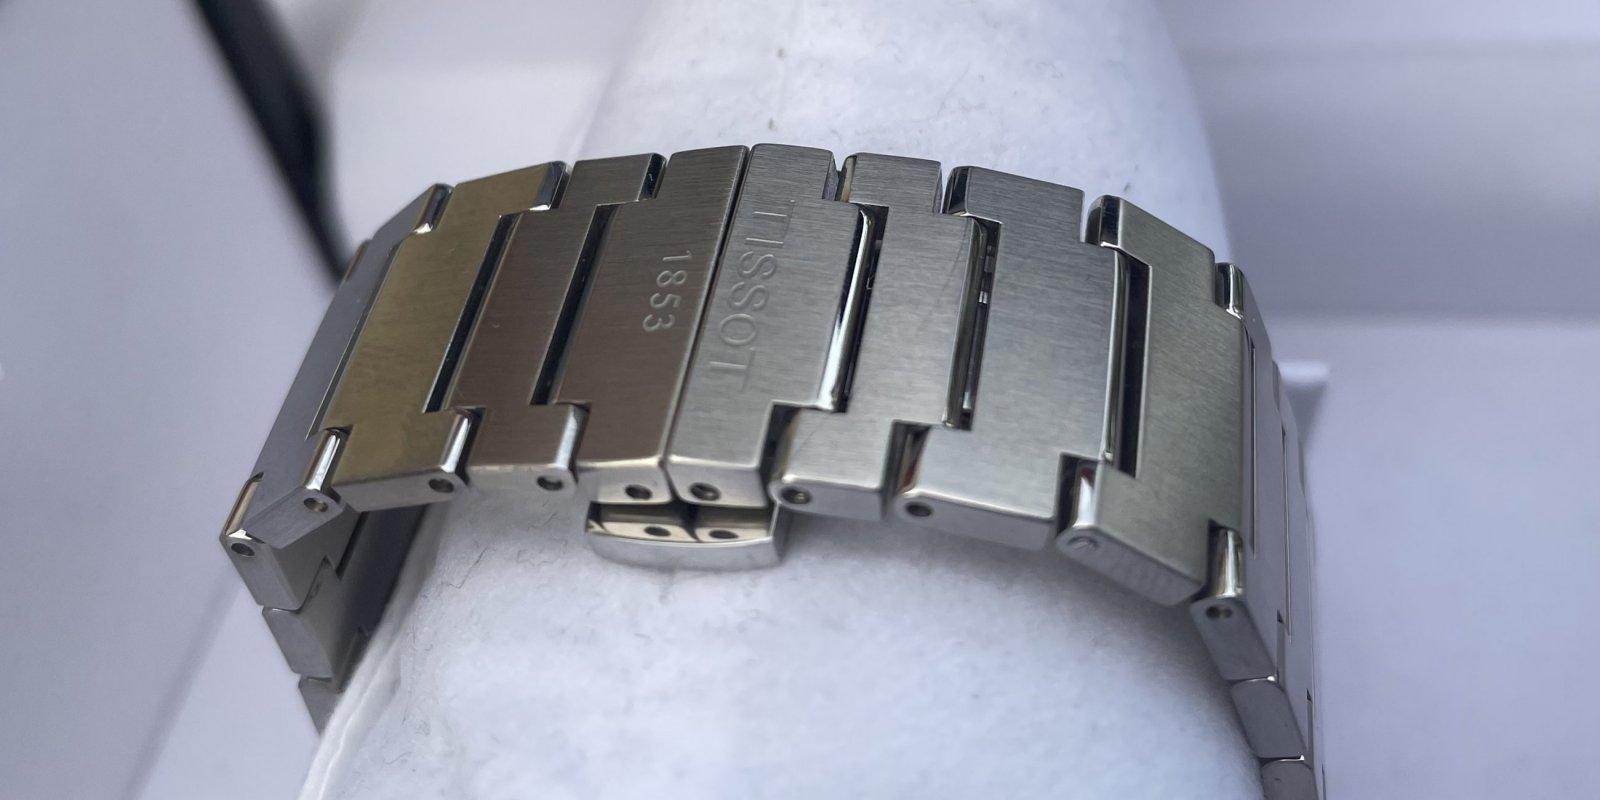 5B0FA4C9-093B-49DA-B66D-353B64765BFD.jpeg